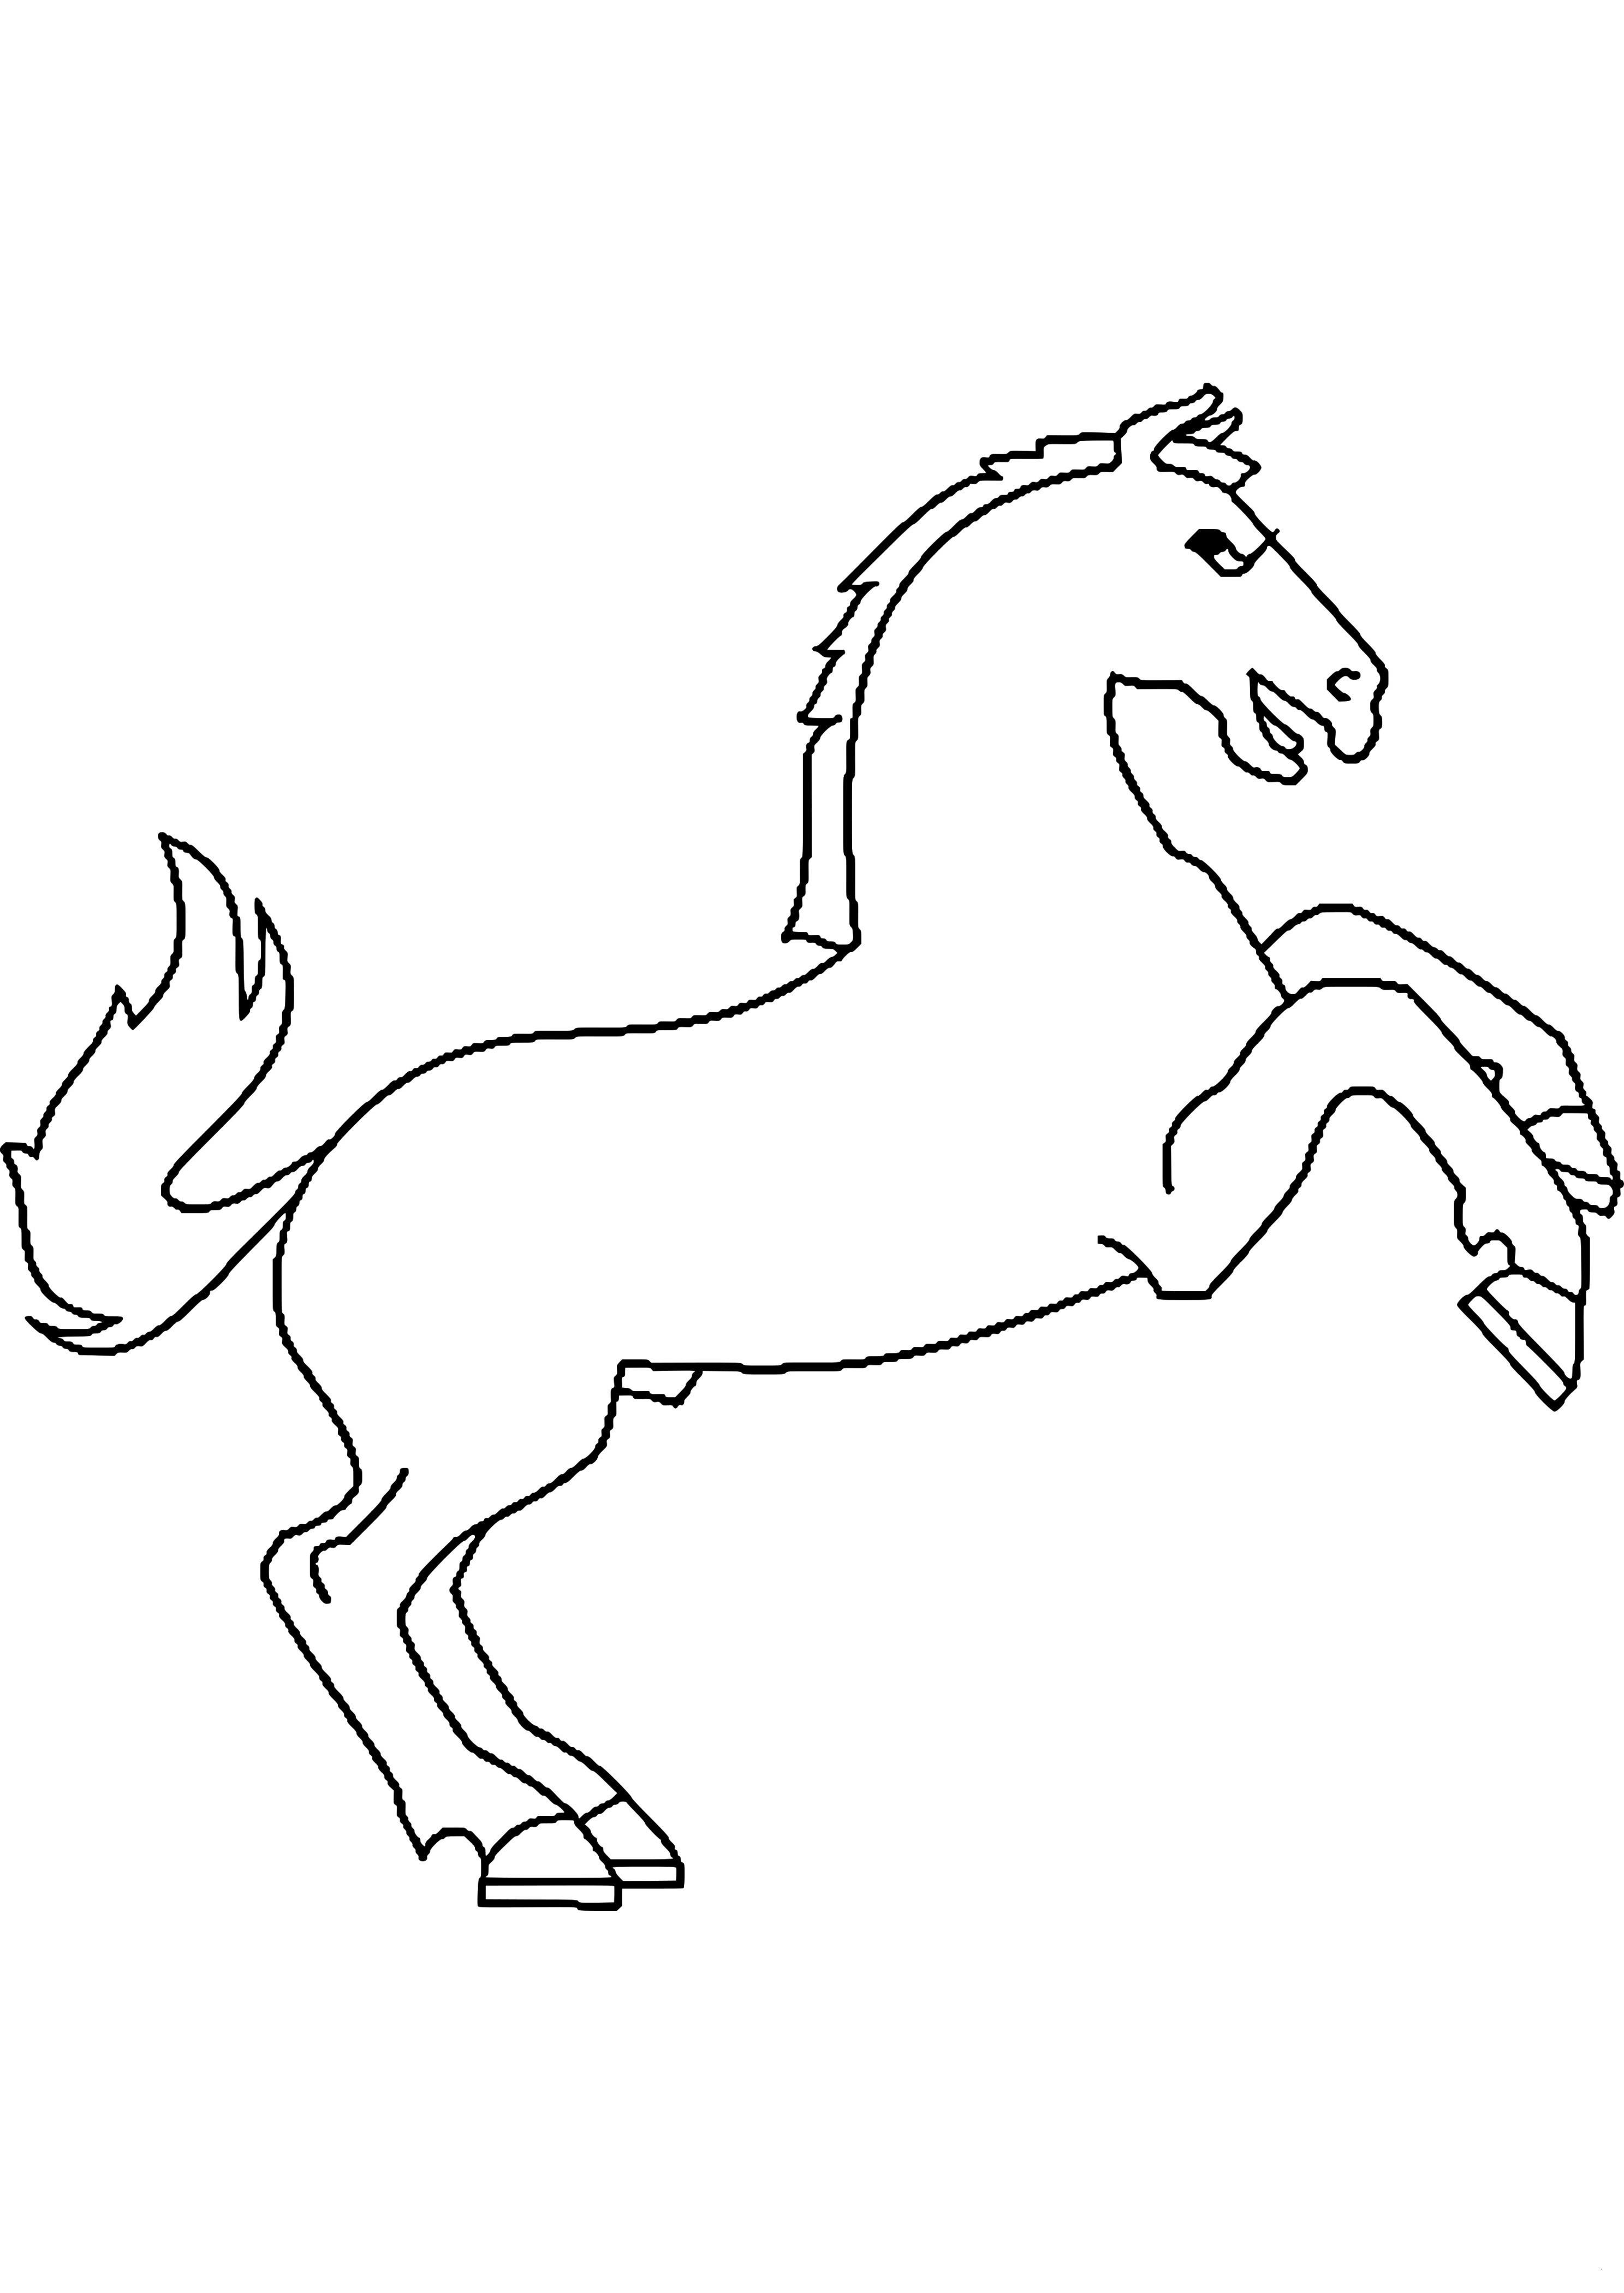 Ausmalbilder Pferde Turnier Frisch 30 Frisch Kostenlose Ausmalbilder Pferde – Malvorlagen Ideen Sammlung